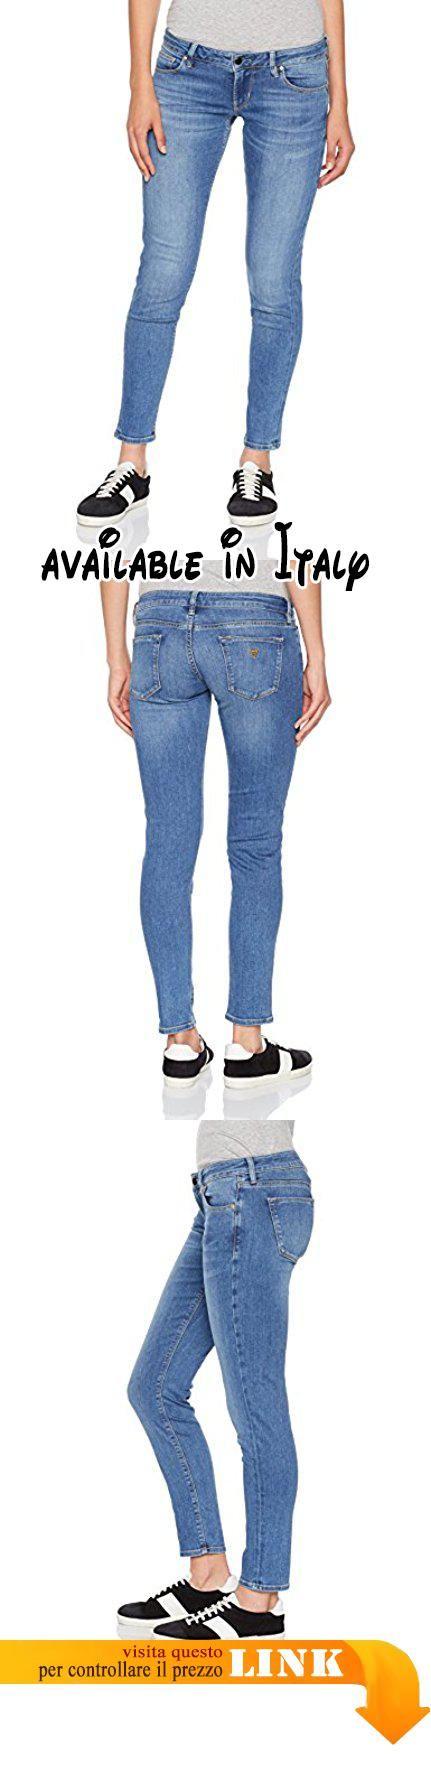 B071W4VQ24   Guess W73043D2CN1 Skinny Jeans Donna Multicolore (Up Grade) 40  (Taglia Produttore a93edf21f21